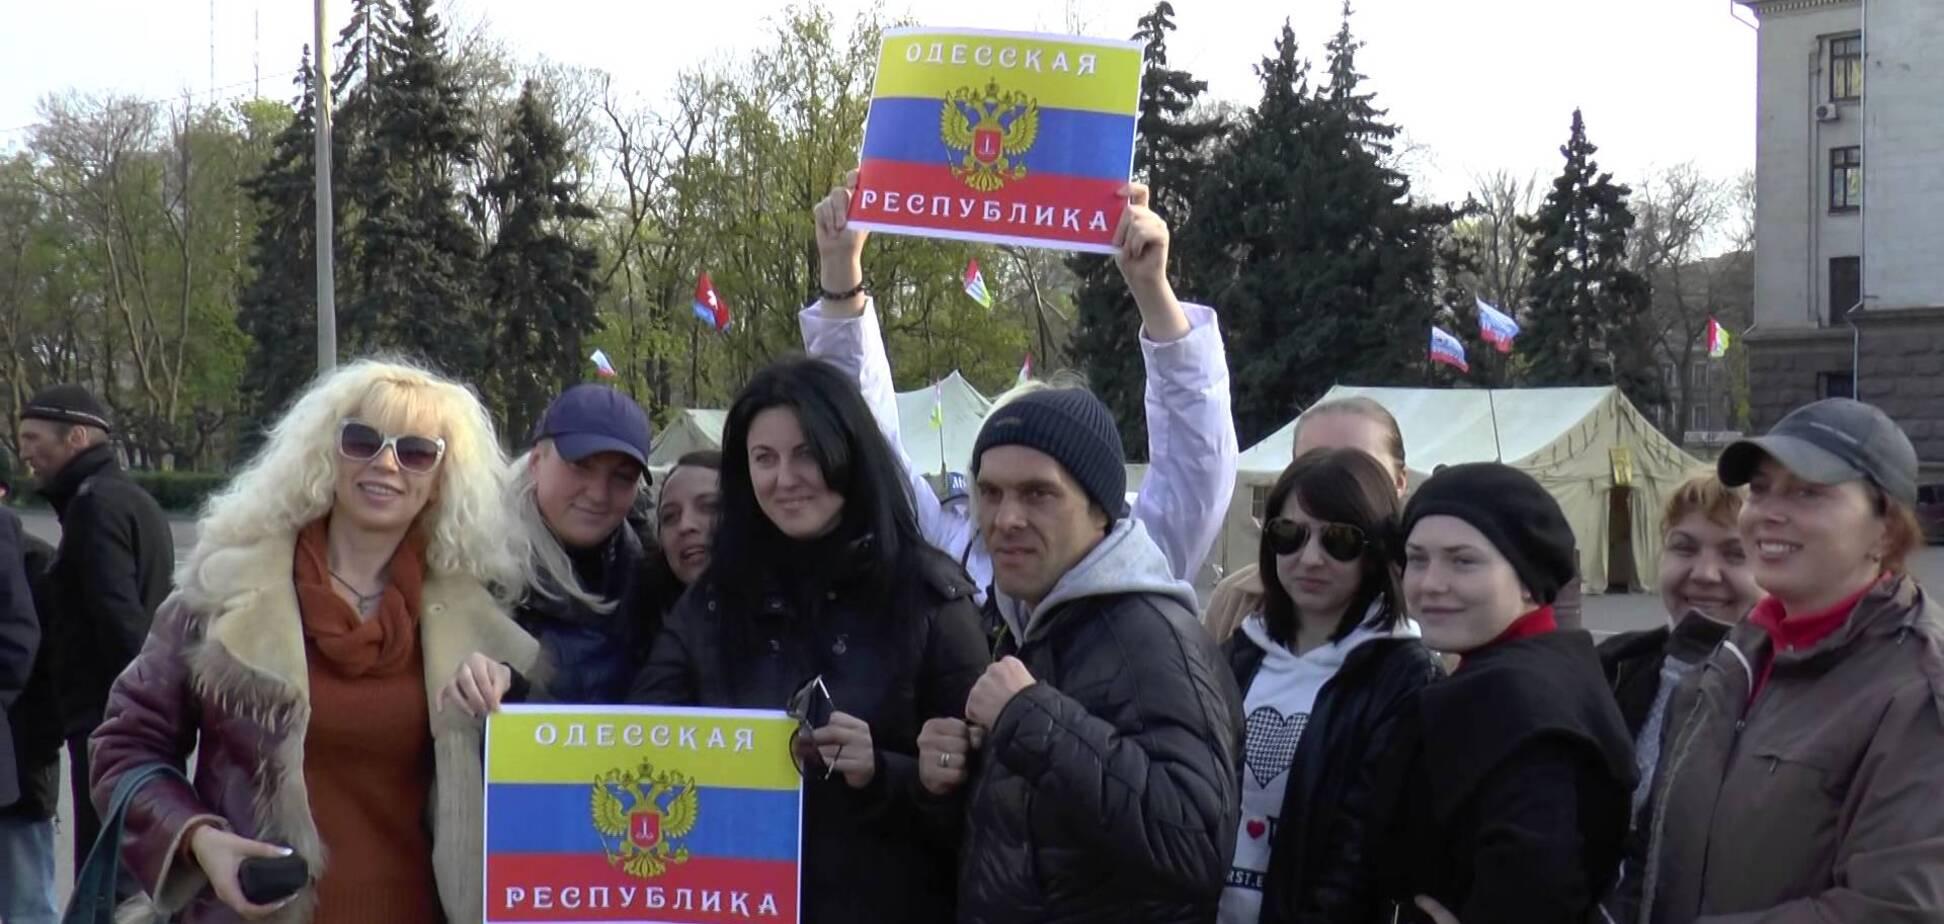 'Путіне, врятуй!' Стало відомо, хто завадив Кремлю створити 'Одеську народну республіку'